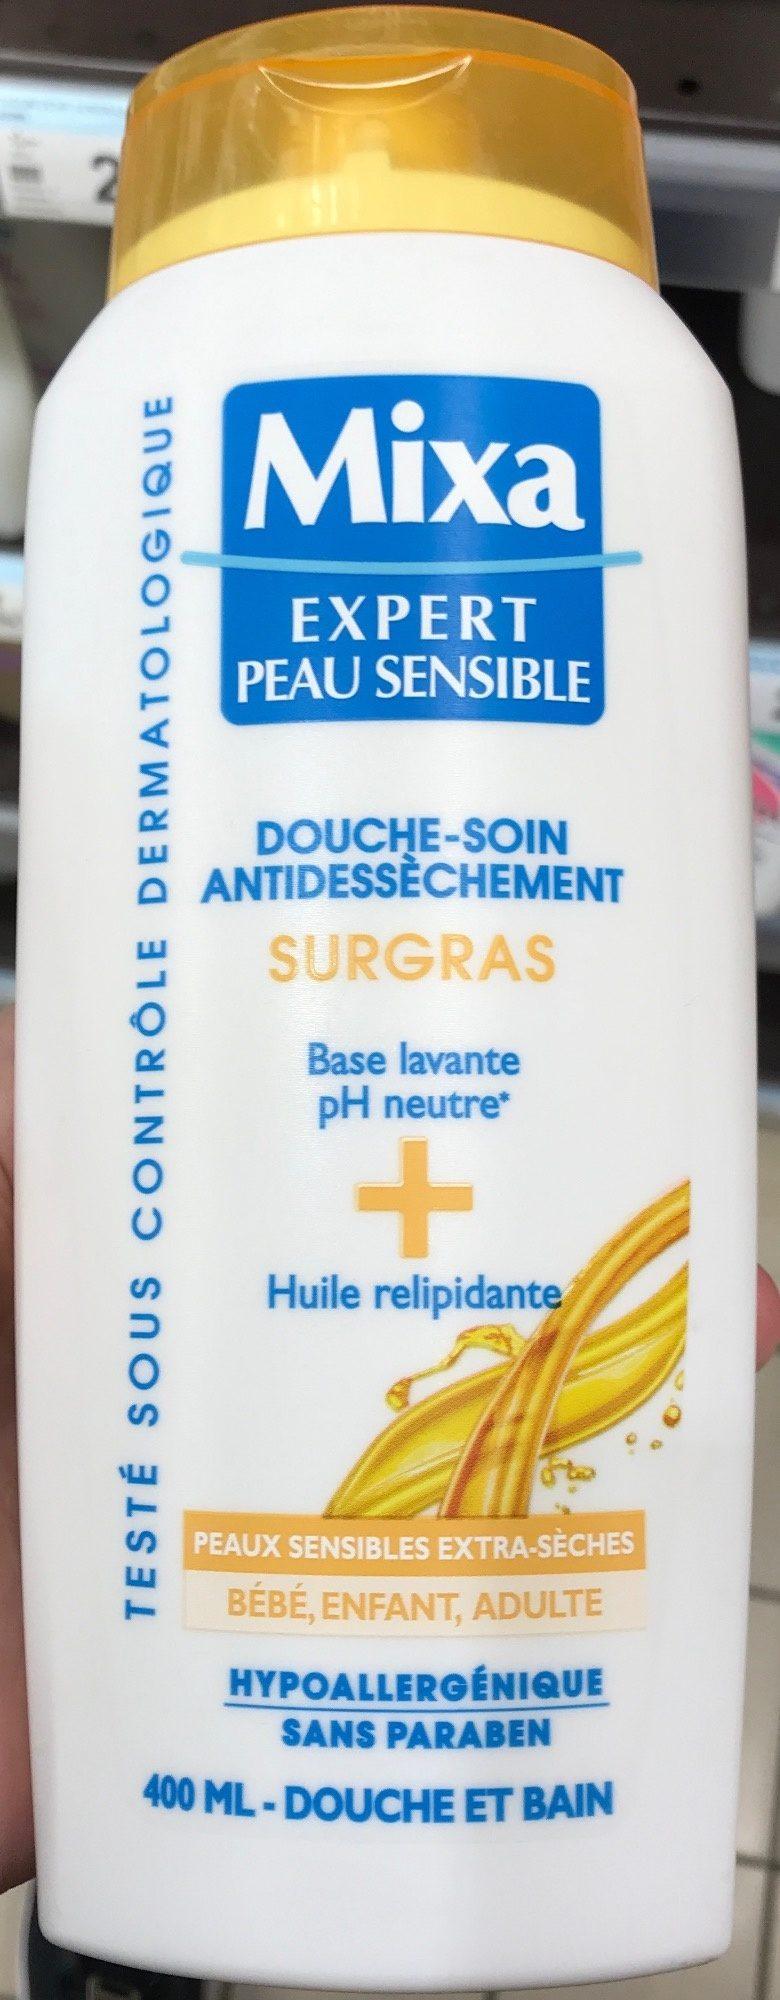 Douche-soin antidessèchement surgras - Product